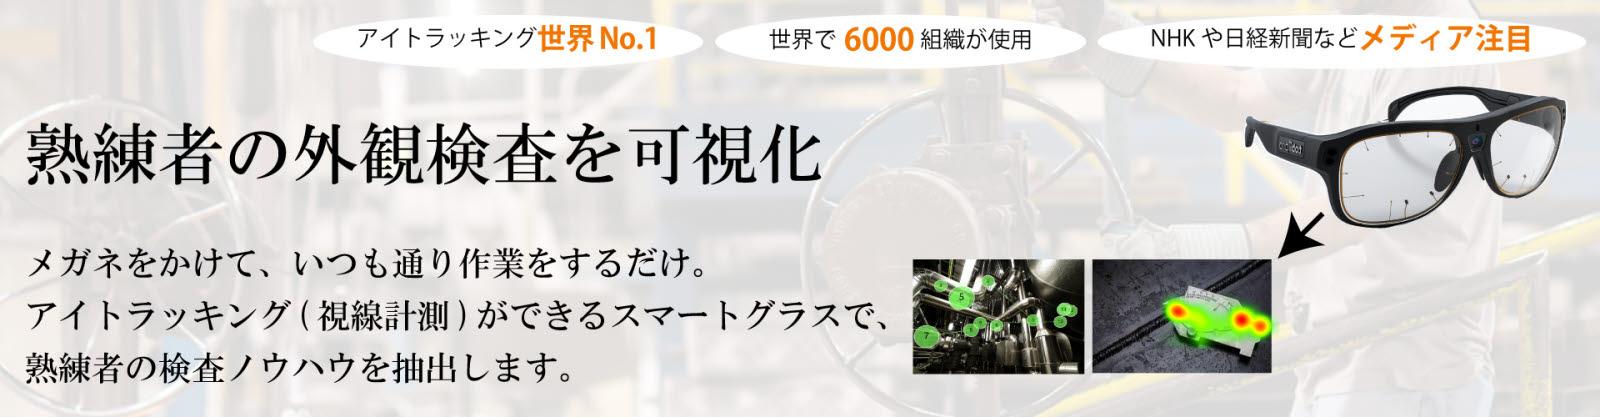 eyecatch(vi)(縦650)